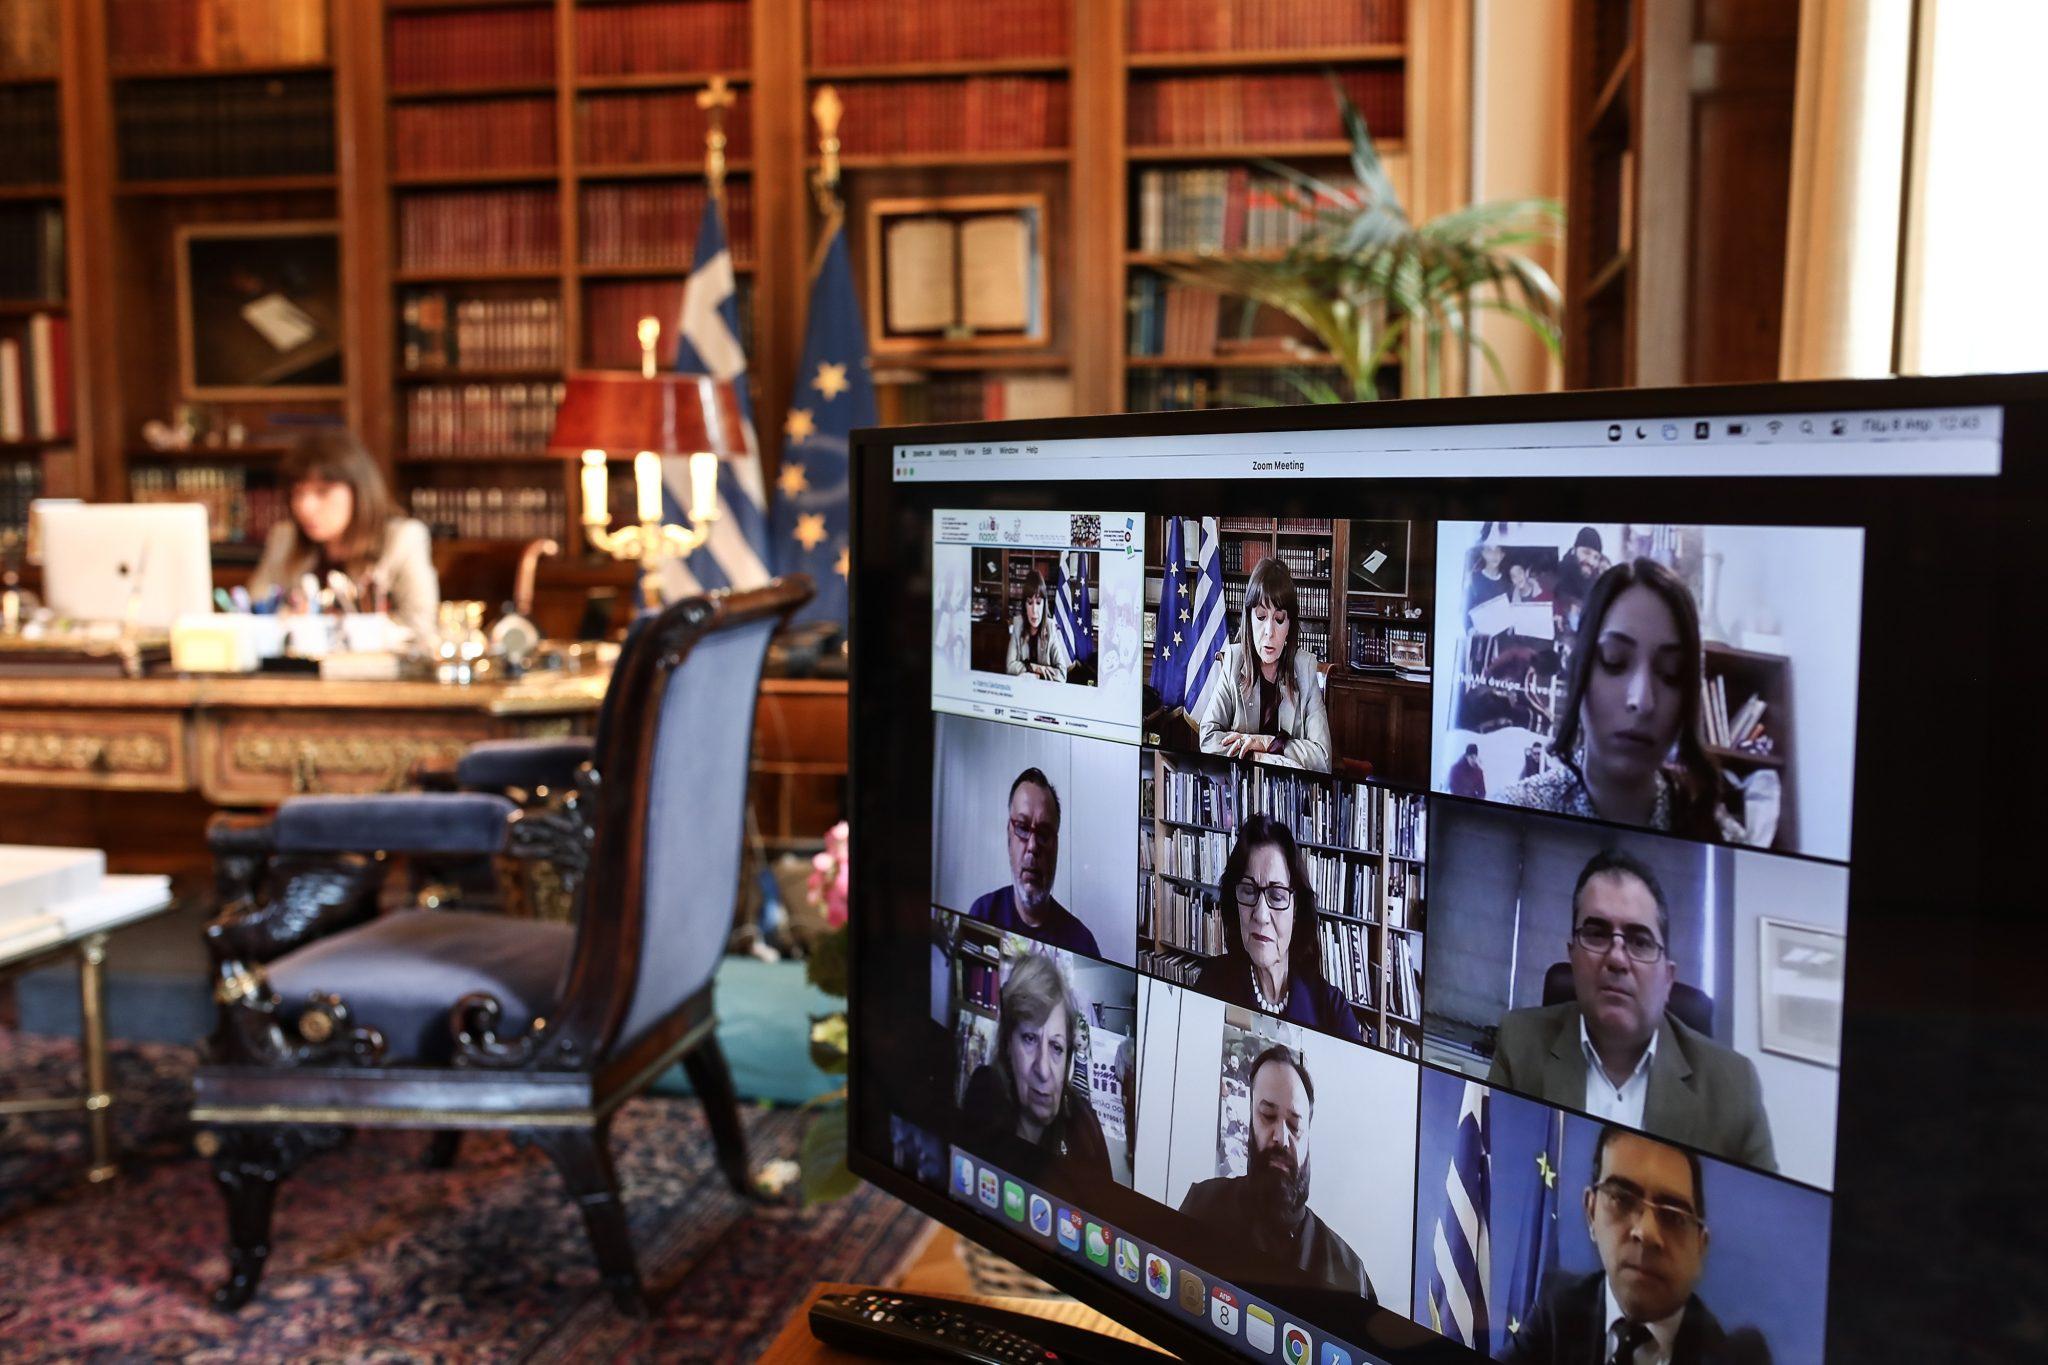 Σακελλαροπούλου: Απαιτούνται μεταρρυθμίσεις για την ομαλή κοινωνική ένταξη των Ρομά